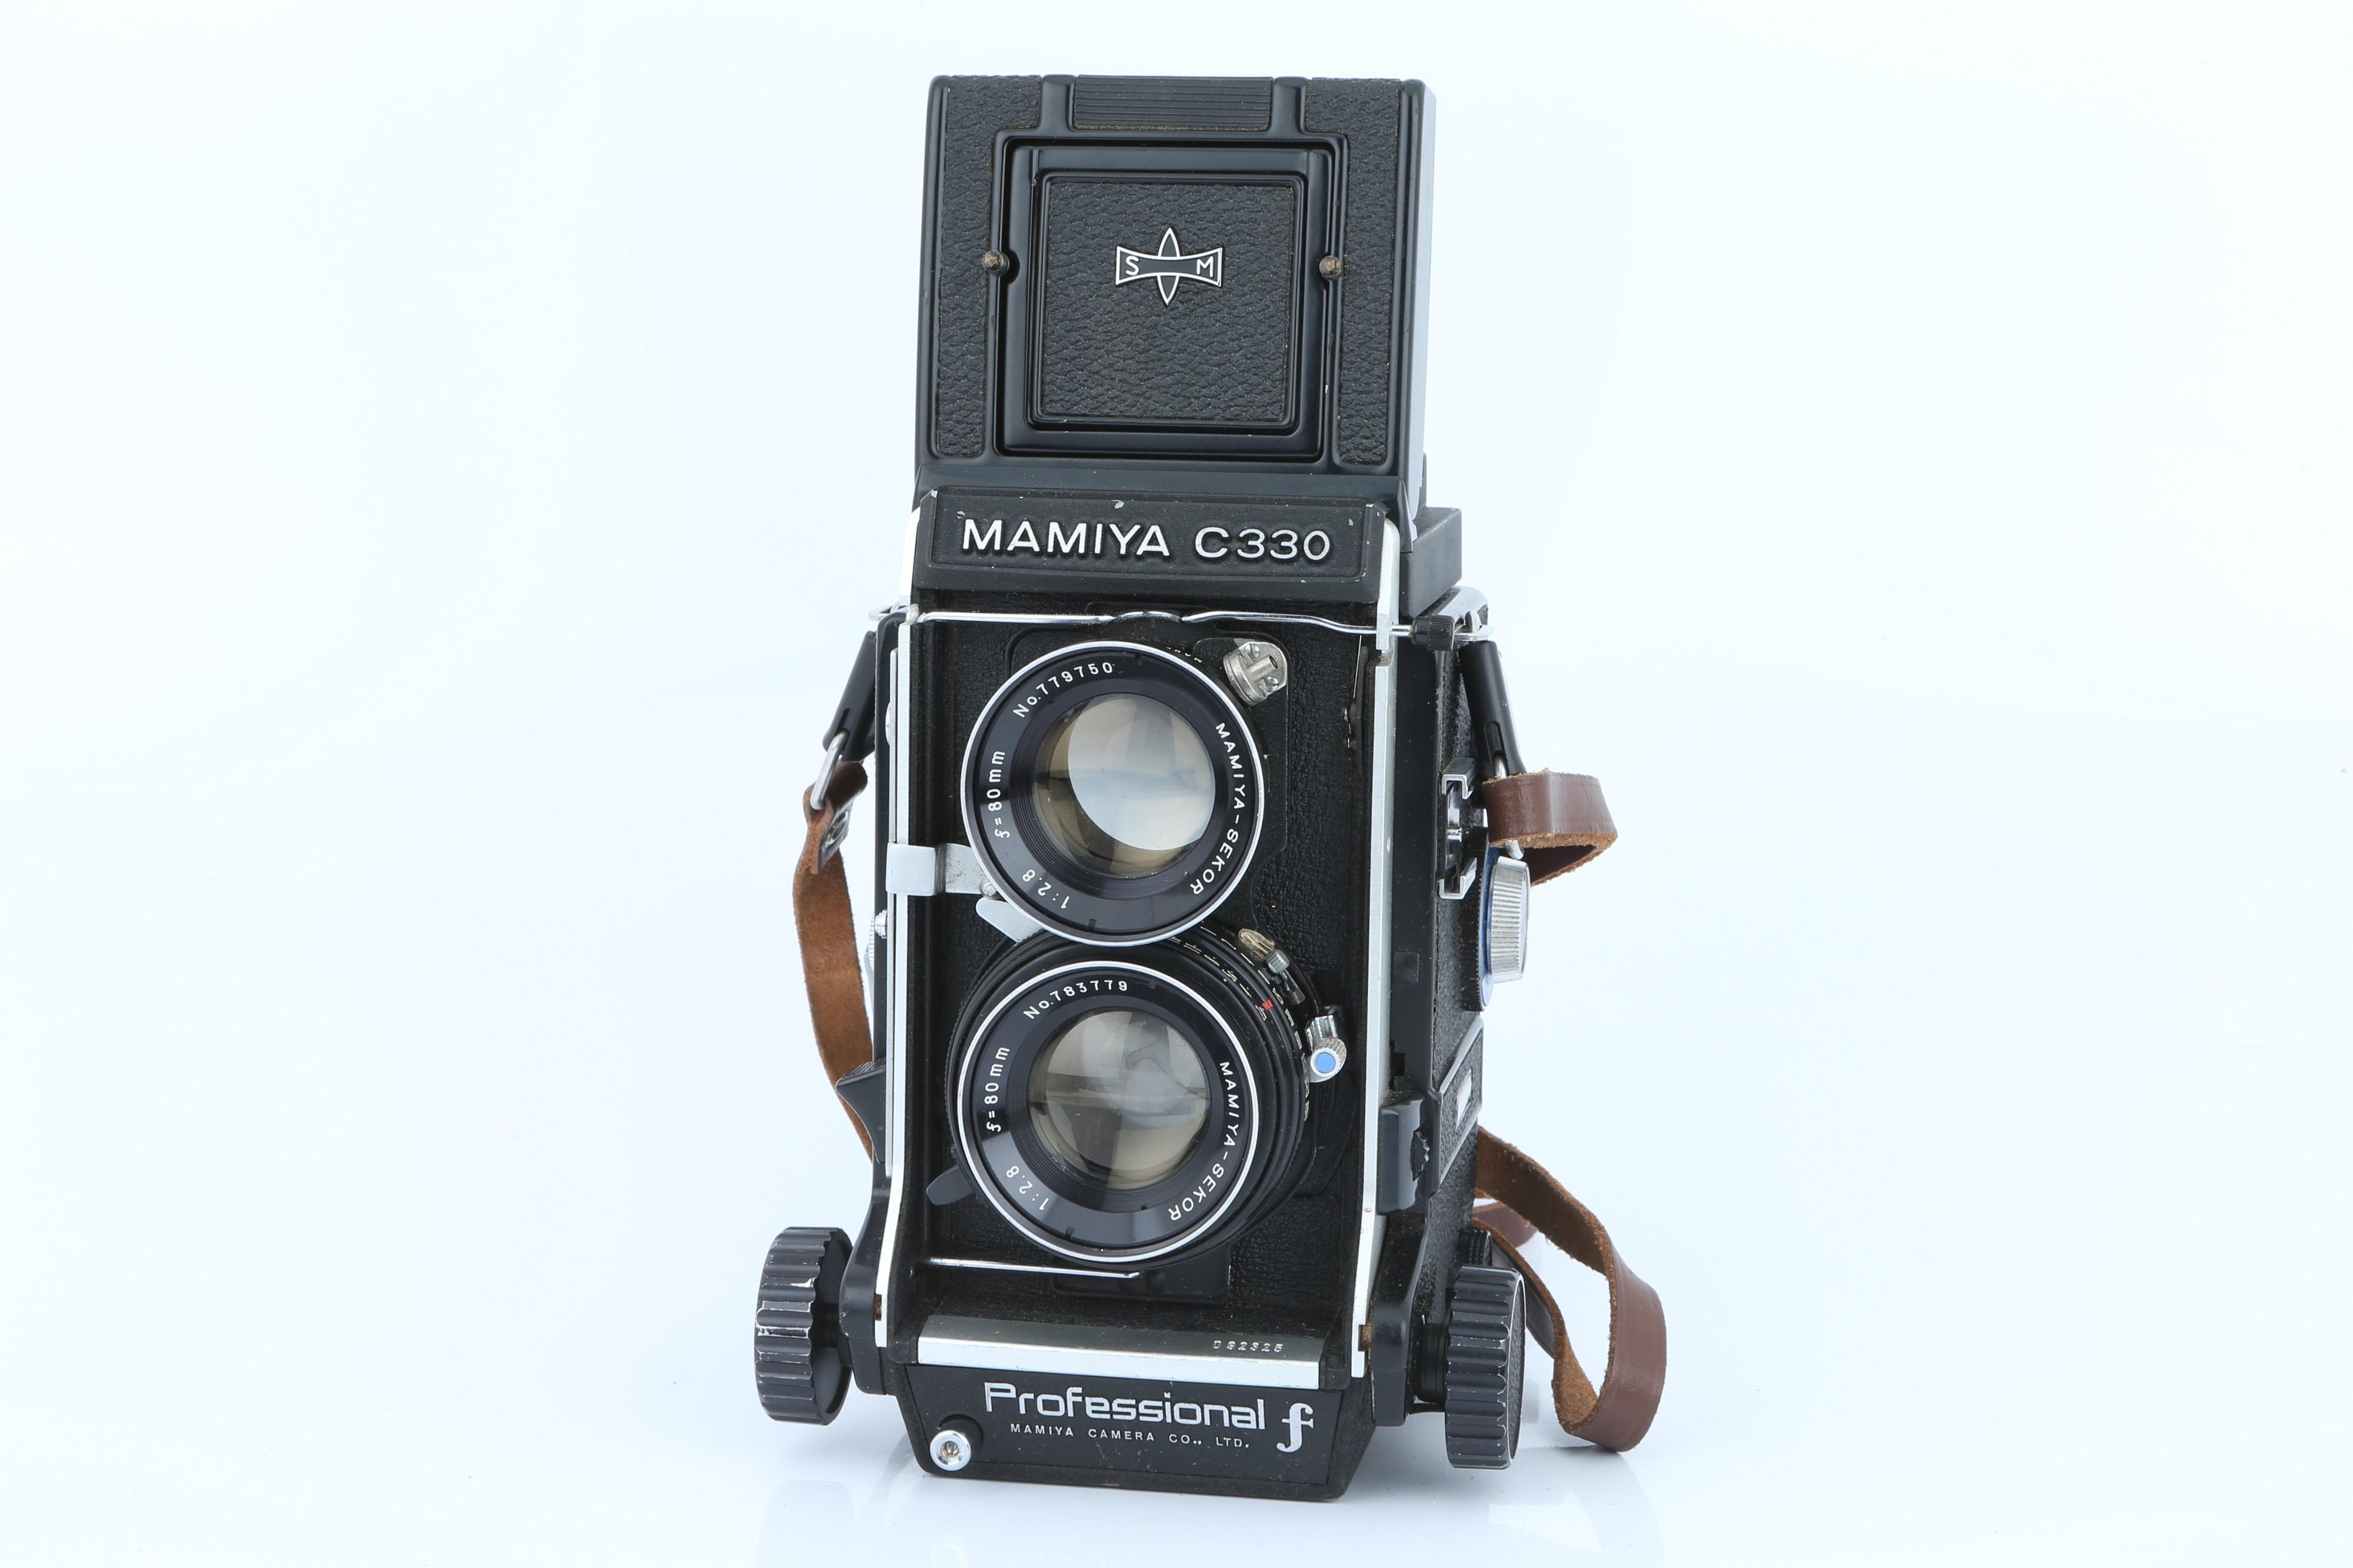 A Mamiya C330 Professional TLR Camera, - Image 2 of 5